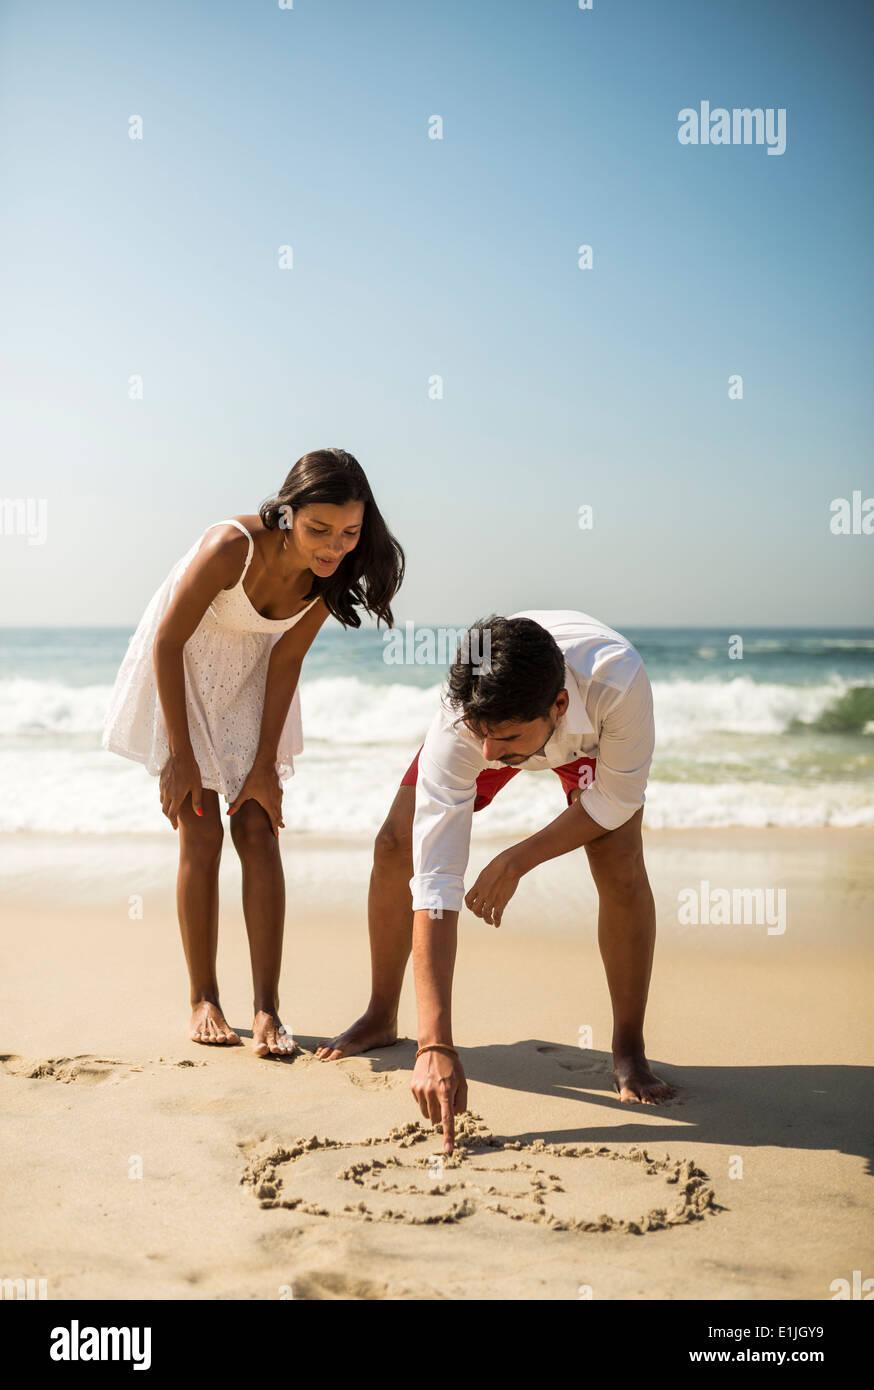 Couple drawing in sand on Arpoador beach, Rio De Janeiro, Brazil - Stock Image